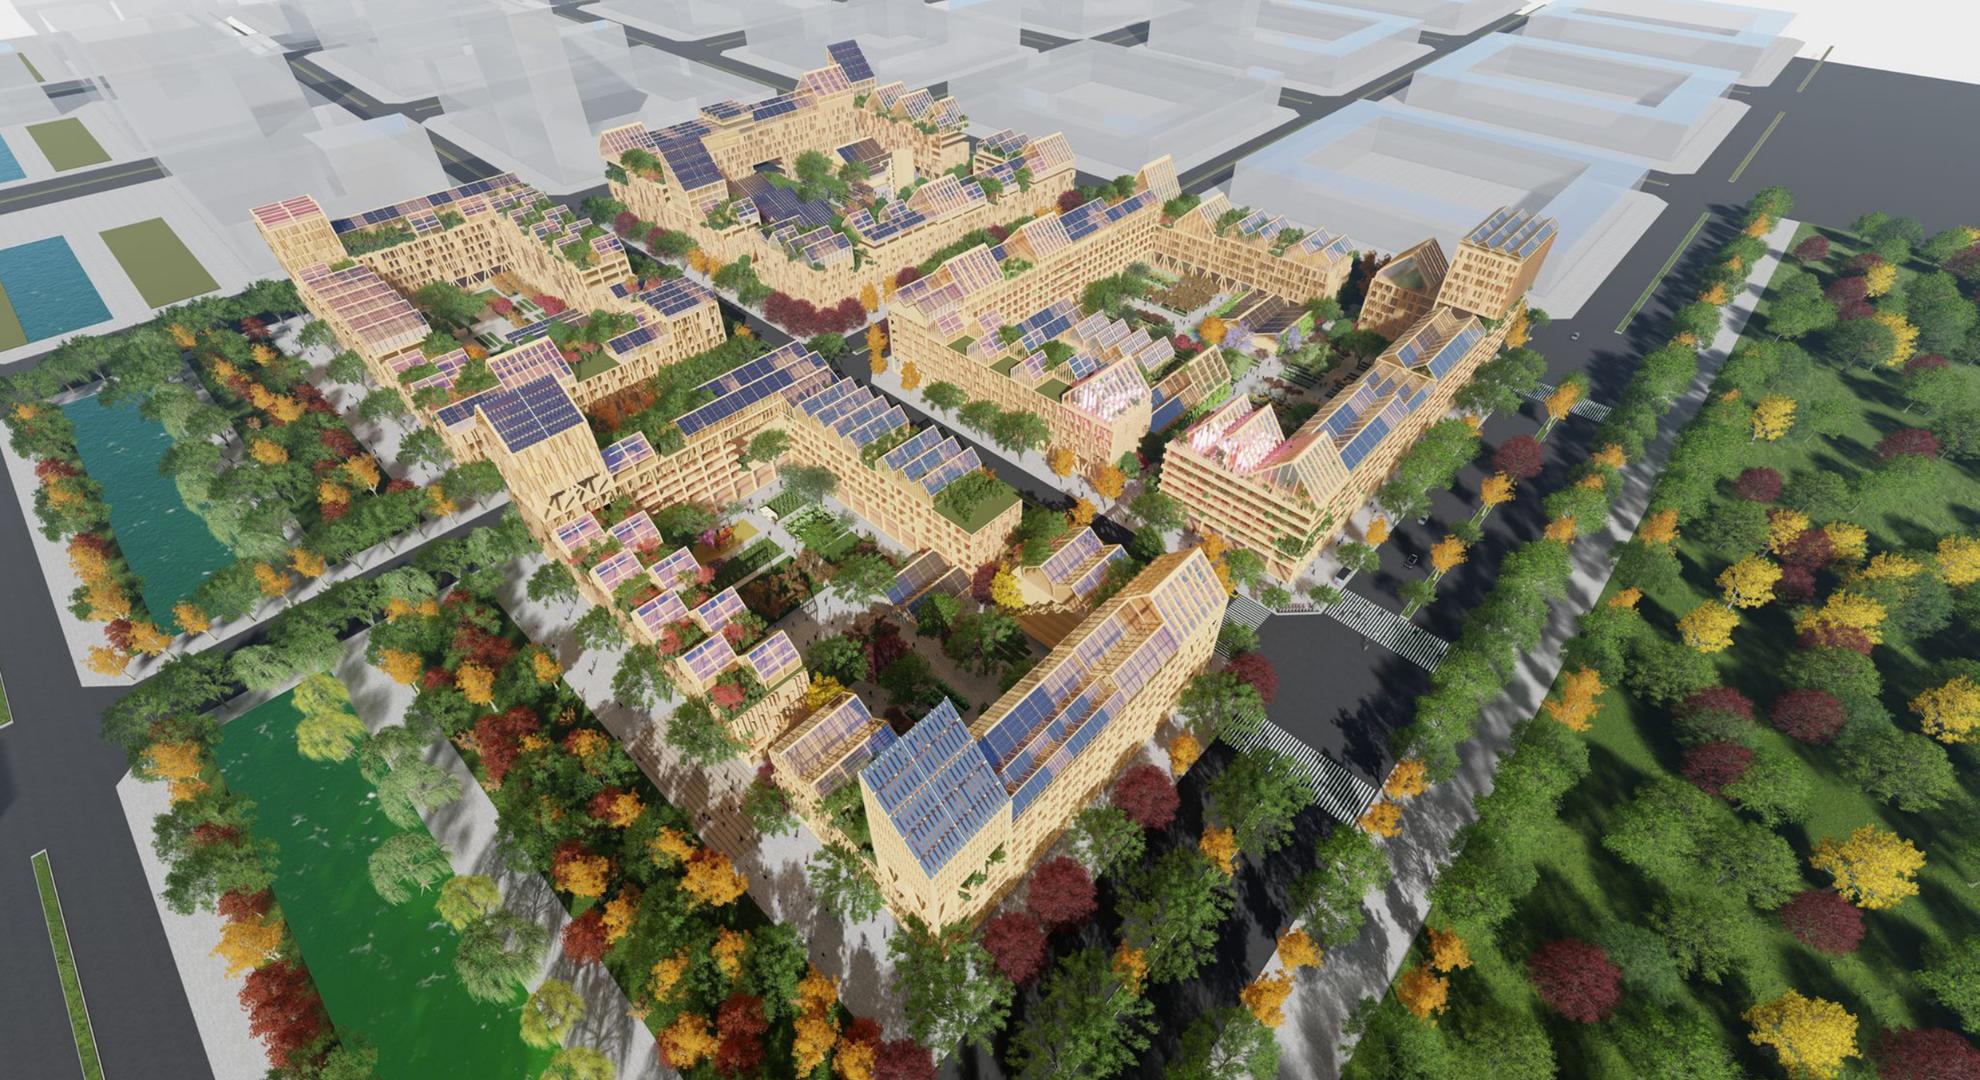 Una ciudad autosuficiente requiere soluciones de agricultura urbana.